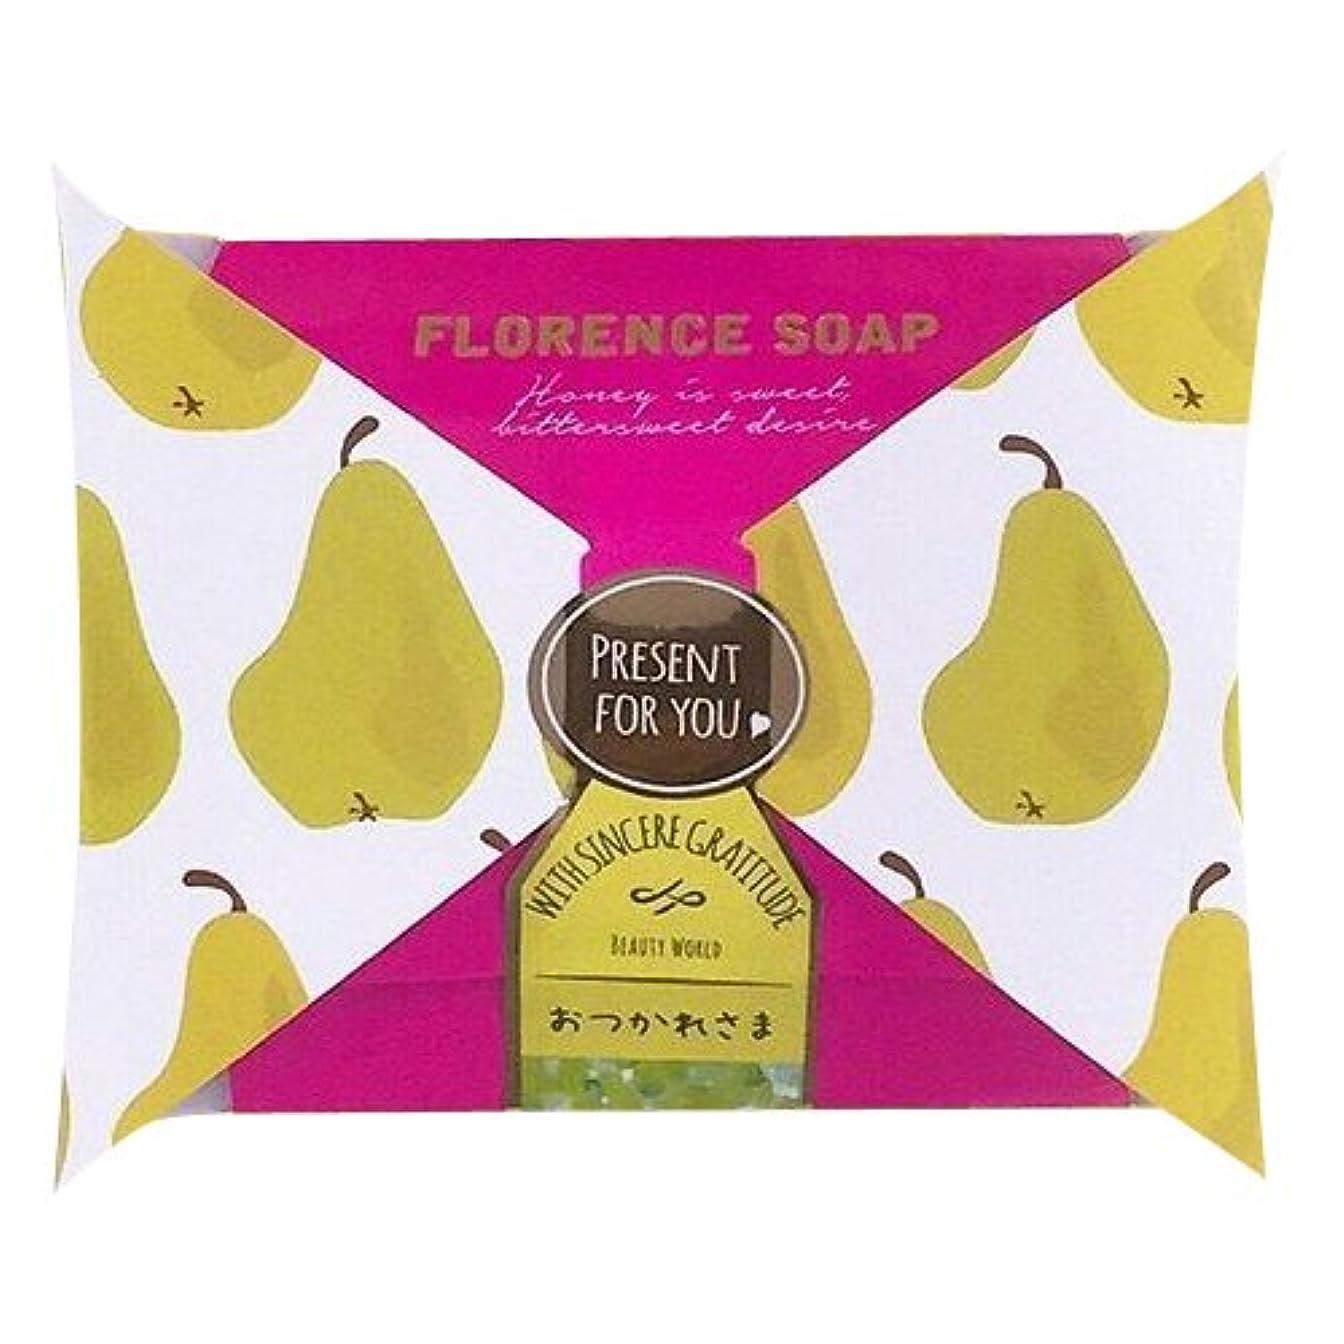 めったに大学生期間BW フローレンスの香り石けん リボンパッケージ FSP386 密の甘く切ない願い (35g)